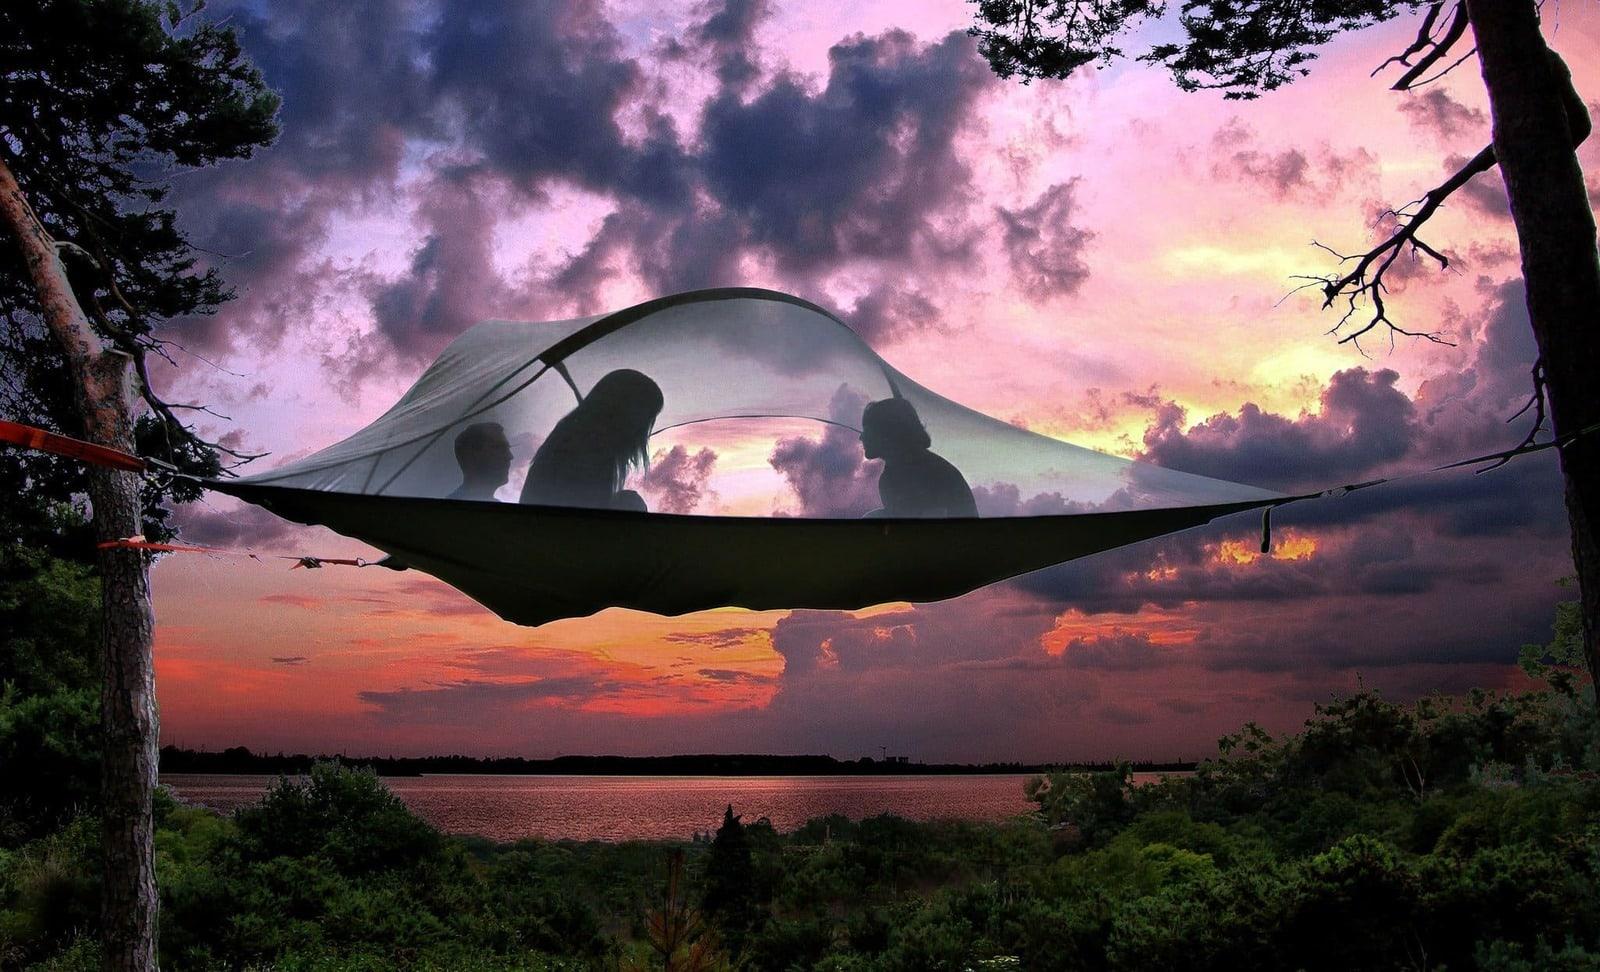 Tentsile: La ingeniosa hamaca que puedes instalar en los árboles es un sueño hecho realidad para los aventureros